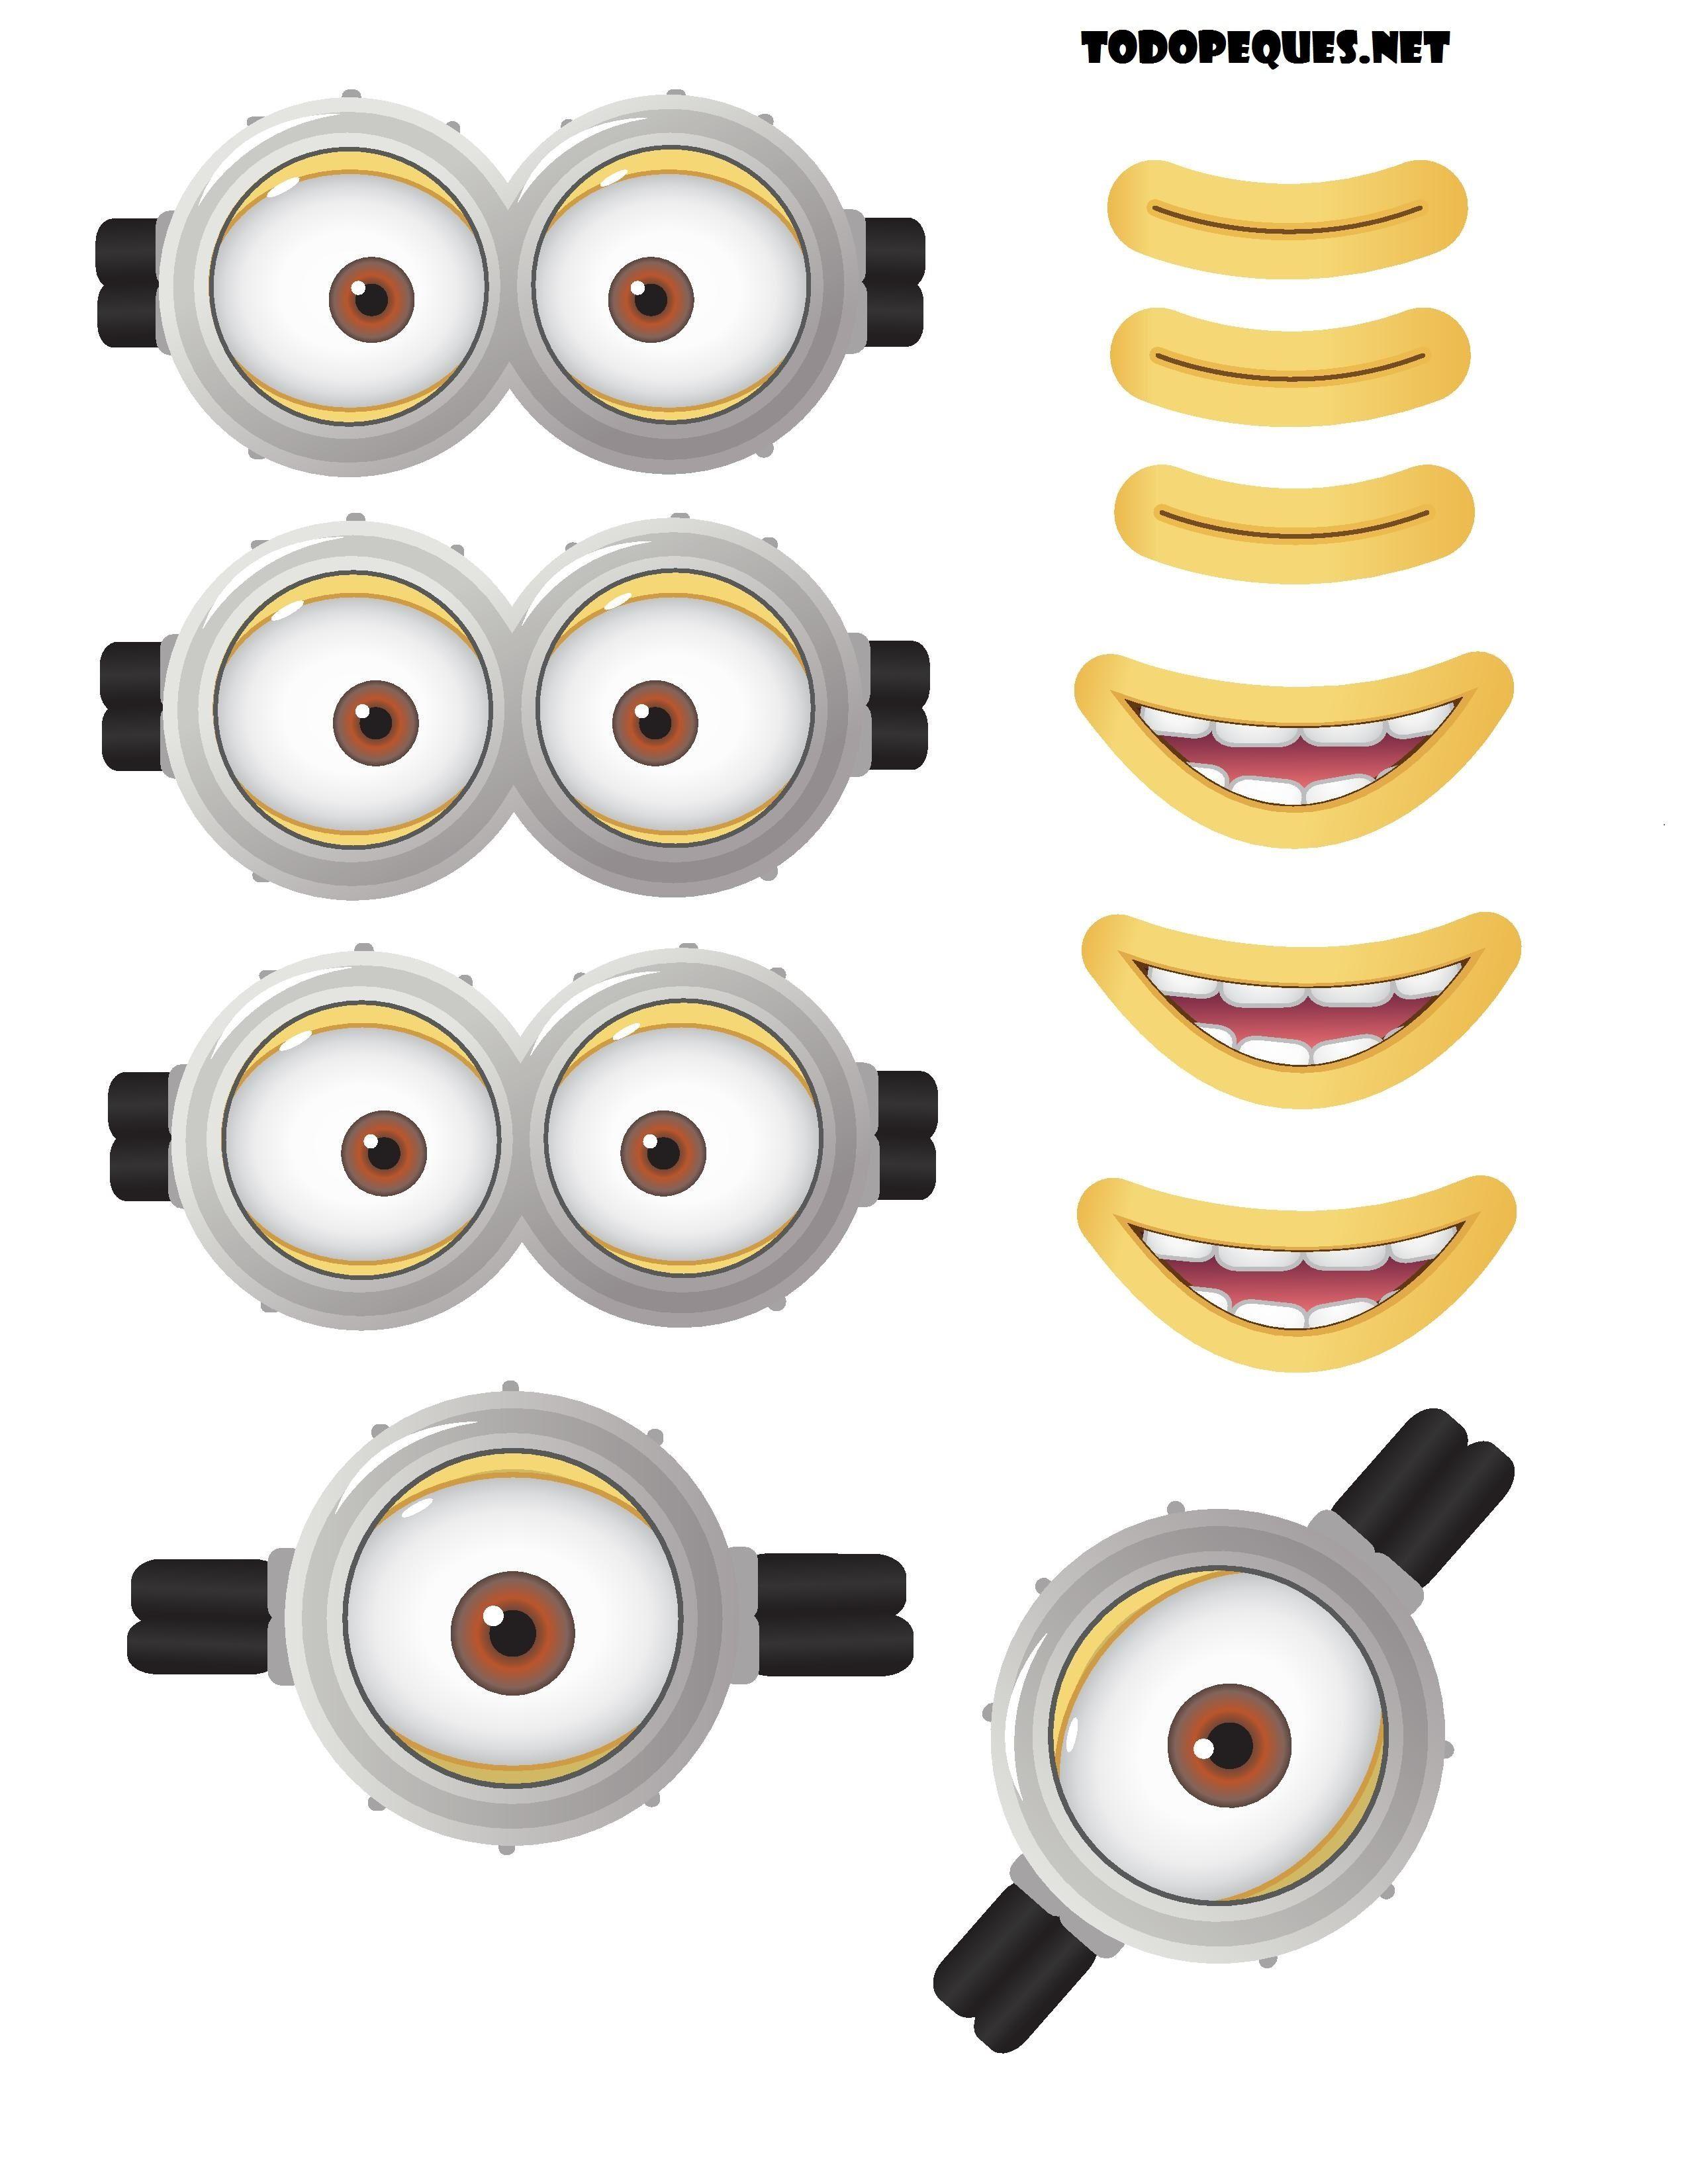 Moldes de ojos y bocas de Minions para imprimir gratis  escuela